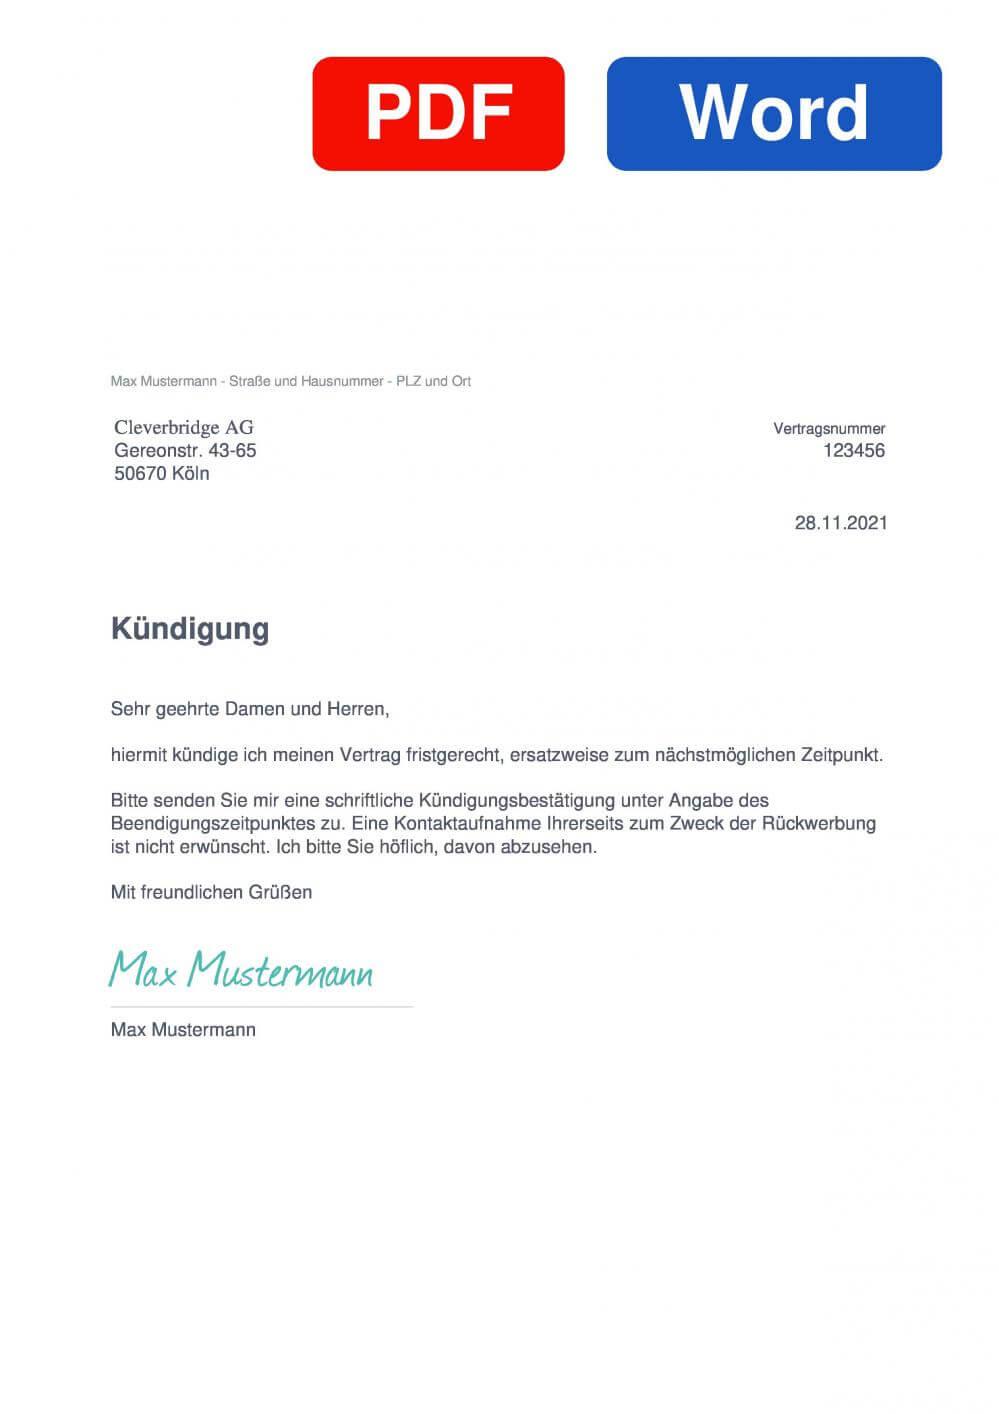 Cleverbridge Muster Vorlage für Kündigungsschreiben